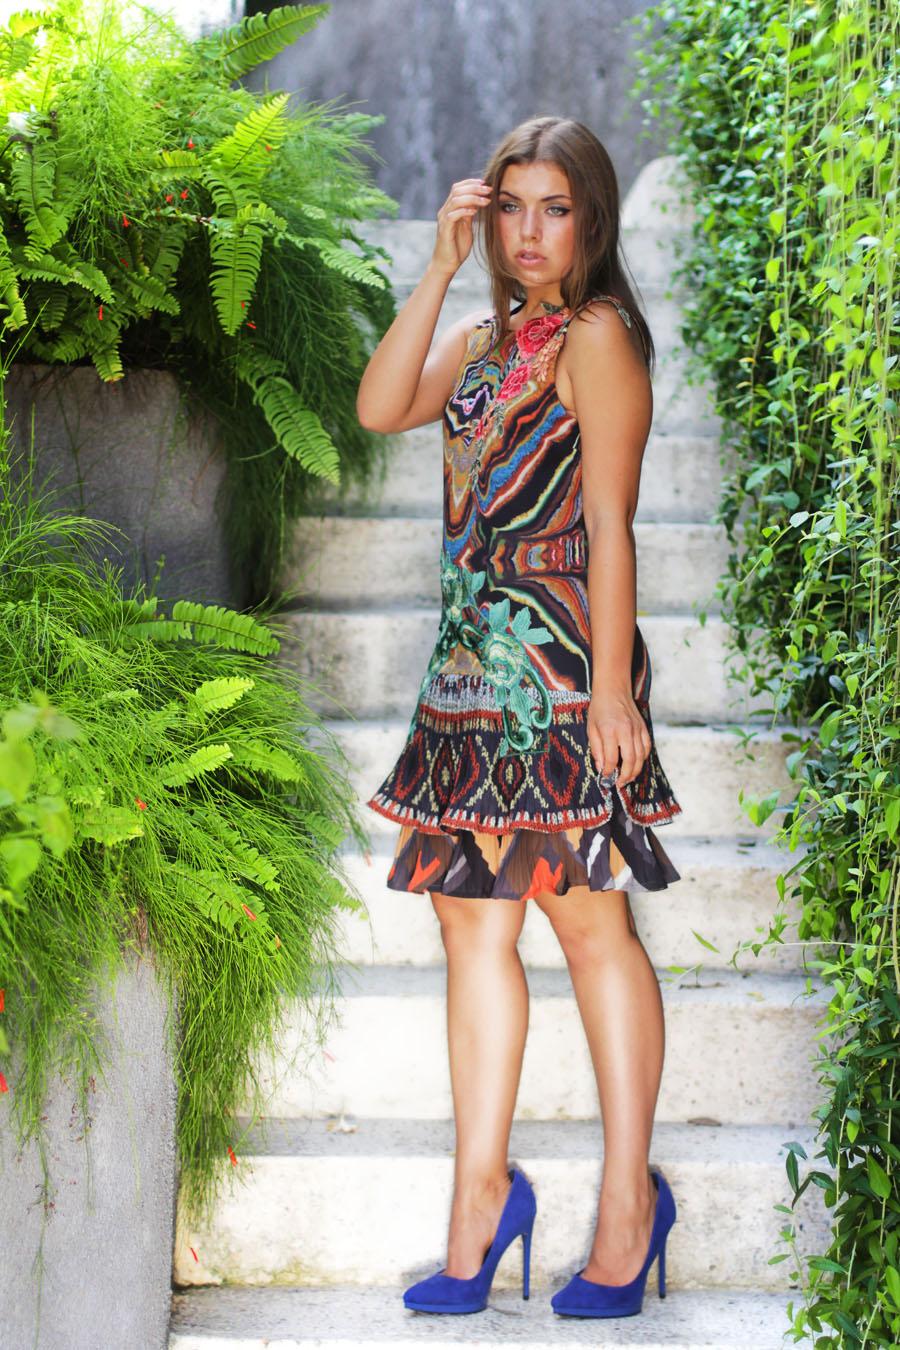 desigual campaign shooting fashion social media fashion blog